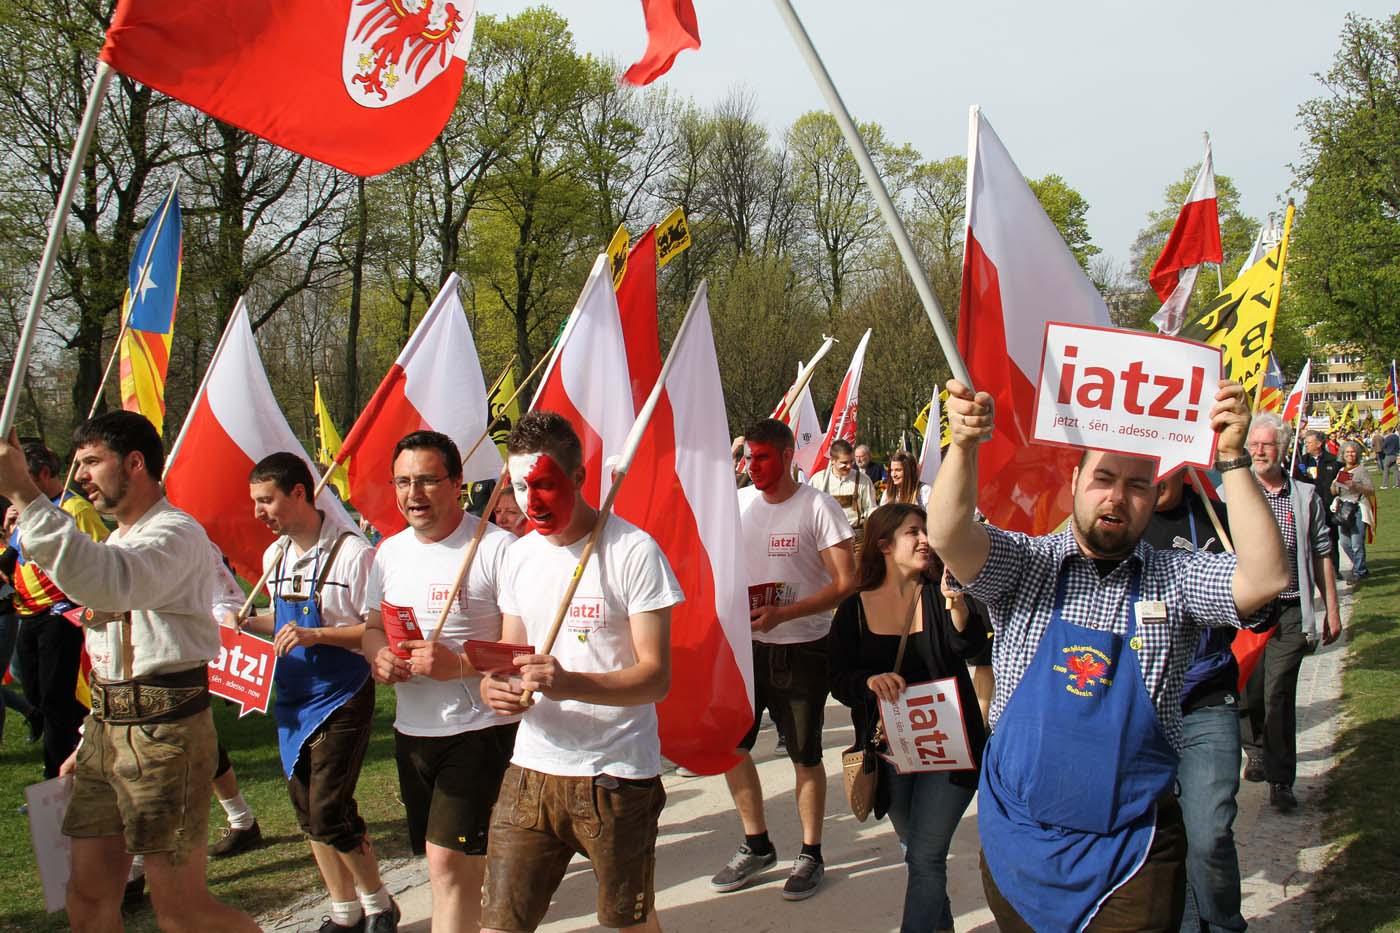 Unabhängigkeitstreffen in Brüssel – Teilnehmer gesucht